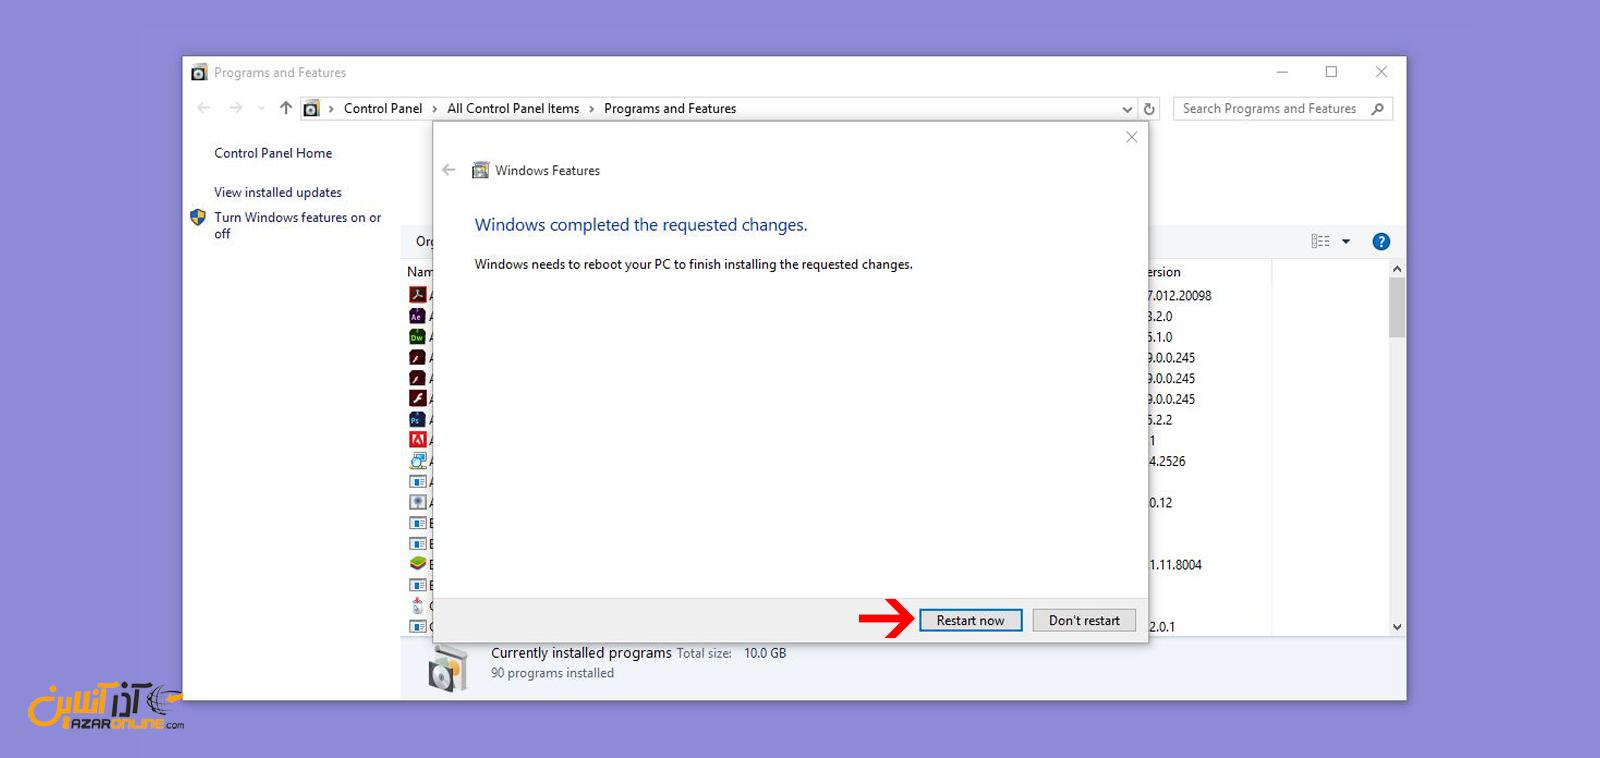 ریستارت کردن ویندوز برای تکمیل نصب IIS در ویندوز 10